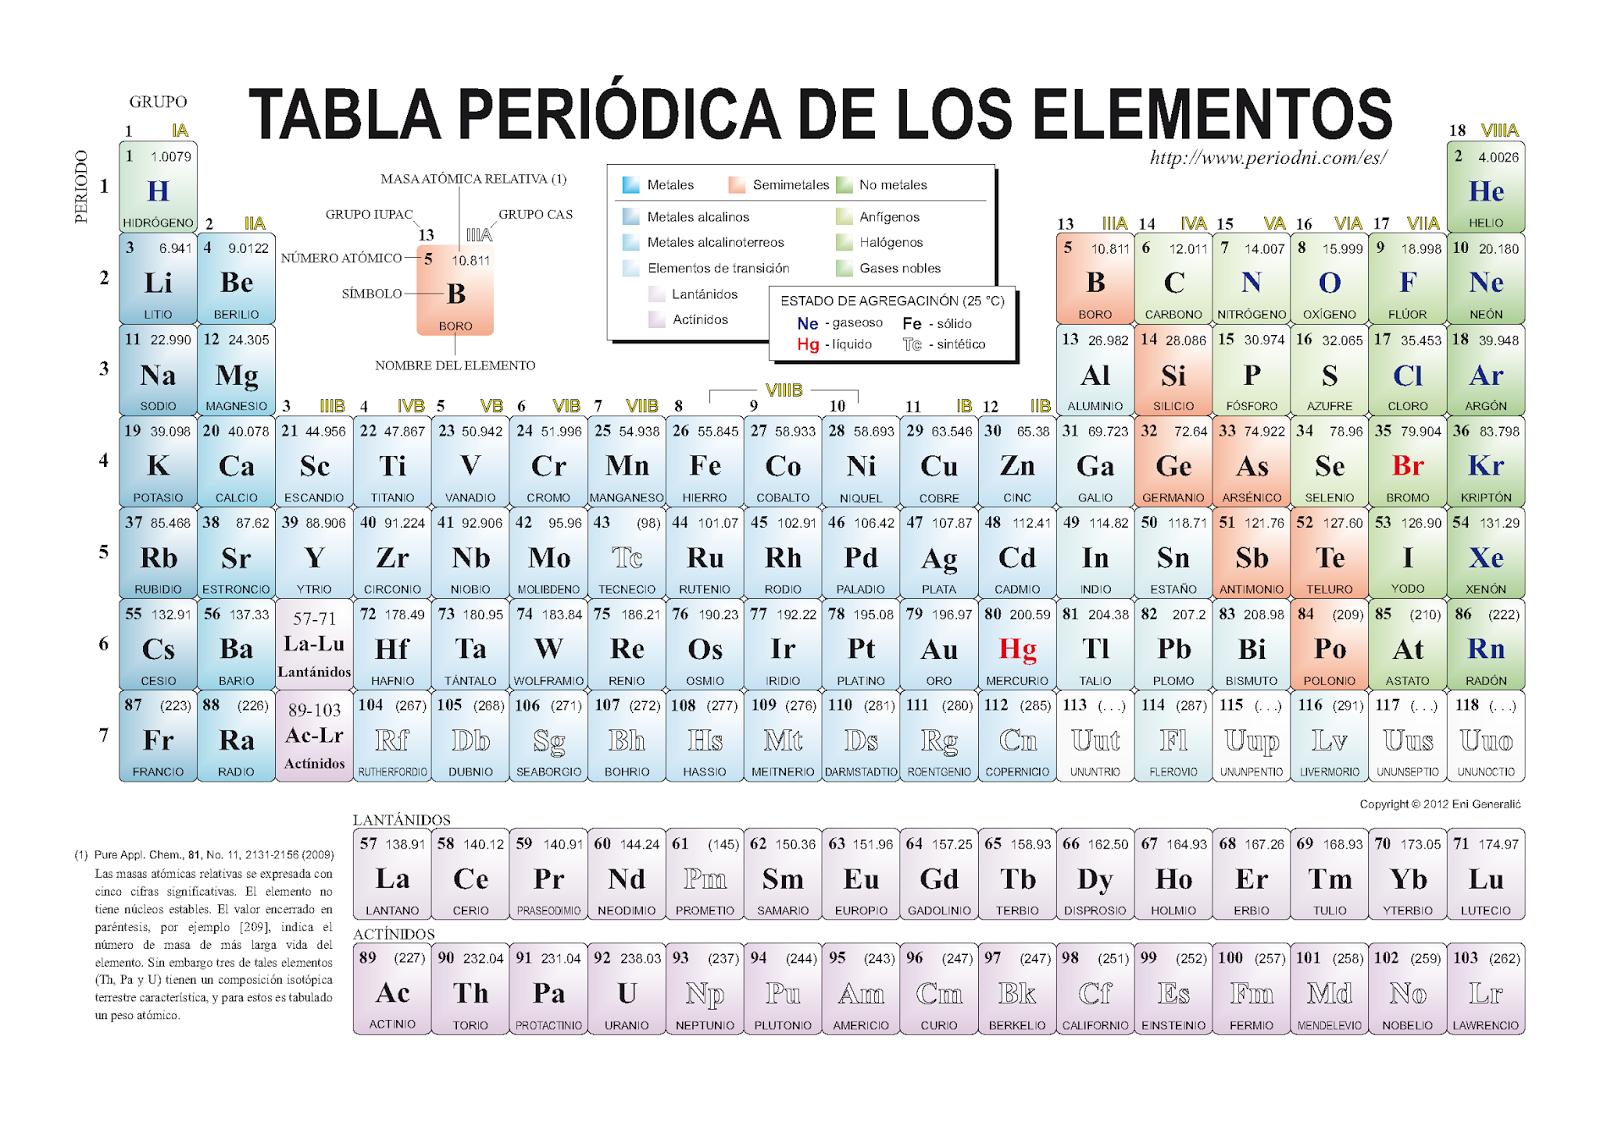 Historia de la tabla peridica de los elementos septiembre 2014 la tabla peridica actual fue diseada por alfred werner basada en la ley de moseley y en la distribucin electrnica de los elementos urtaz Choice Image